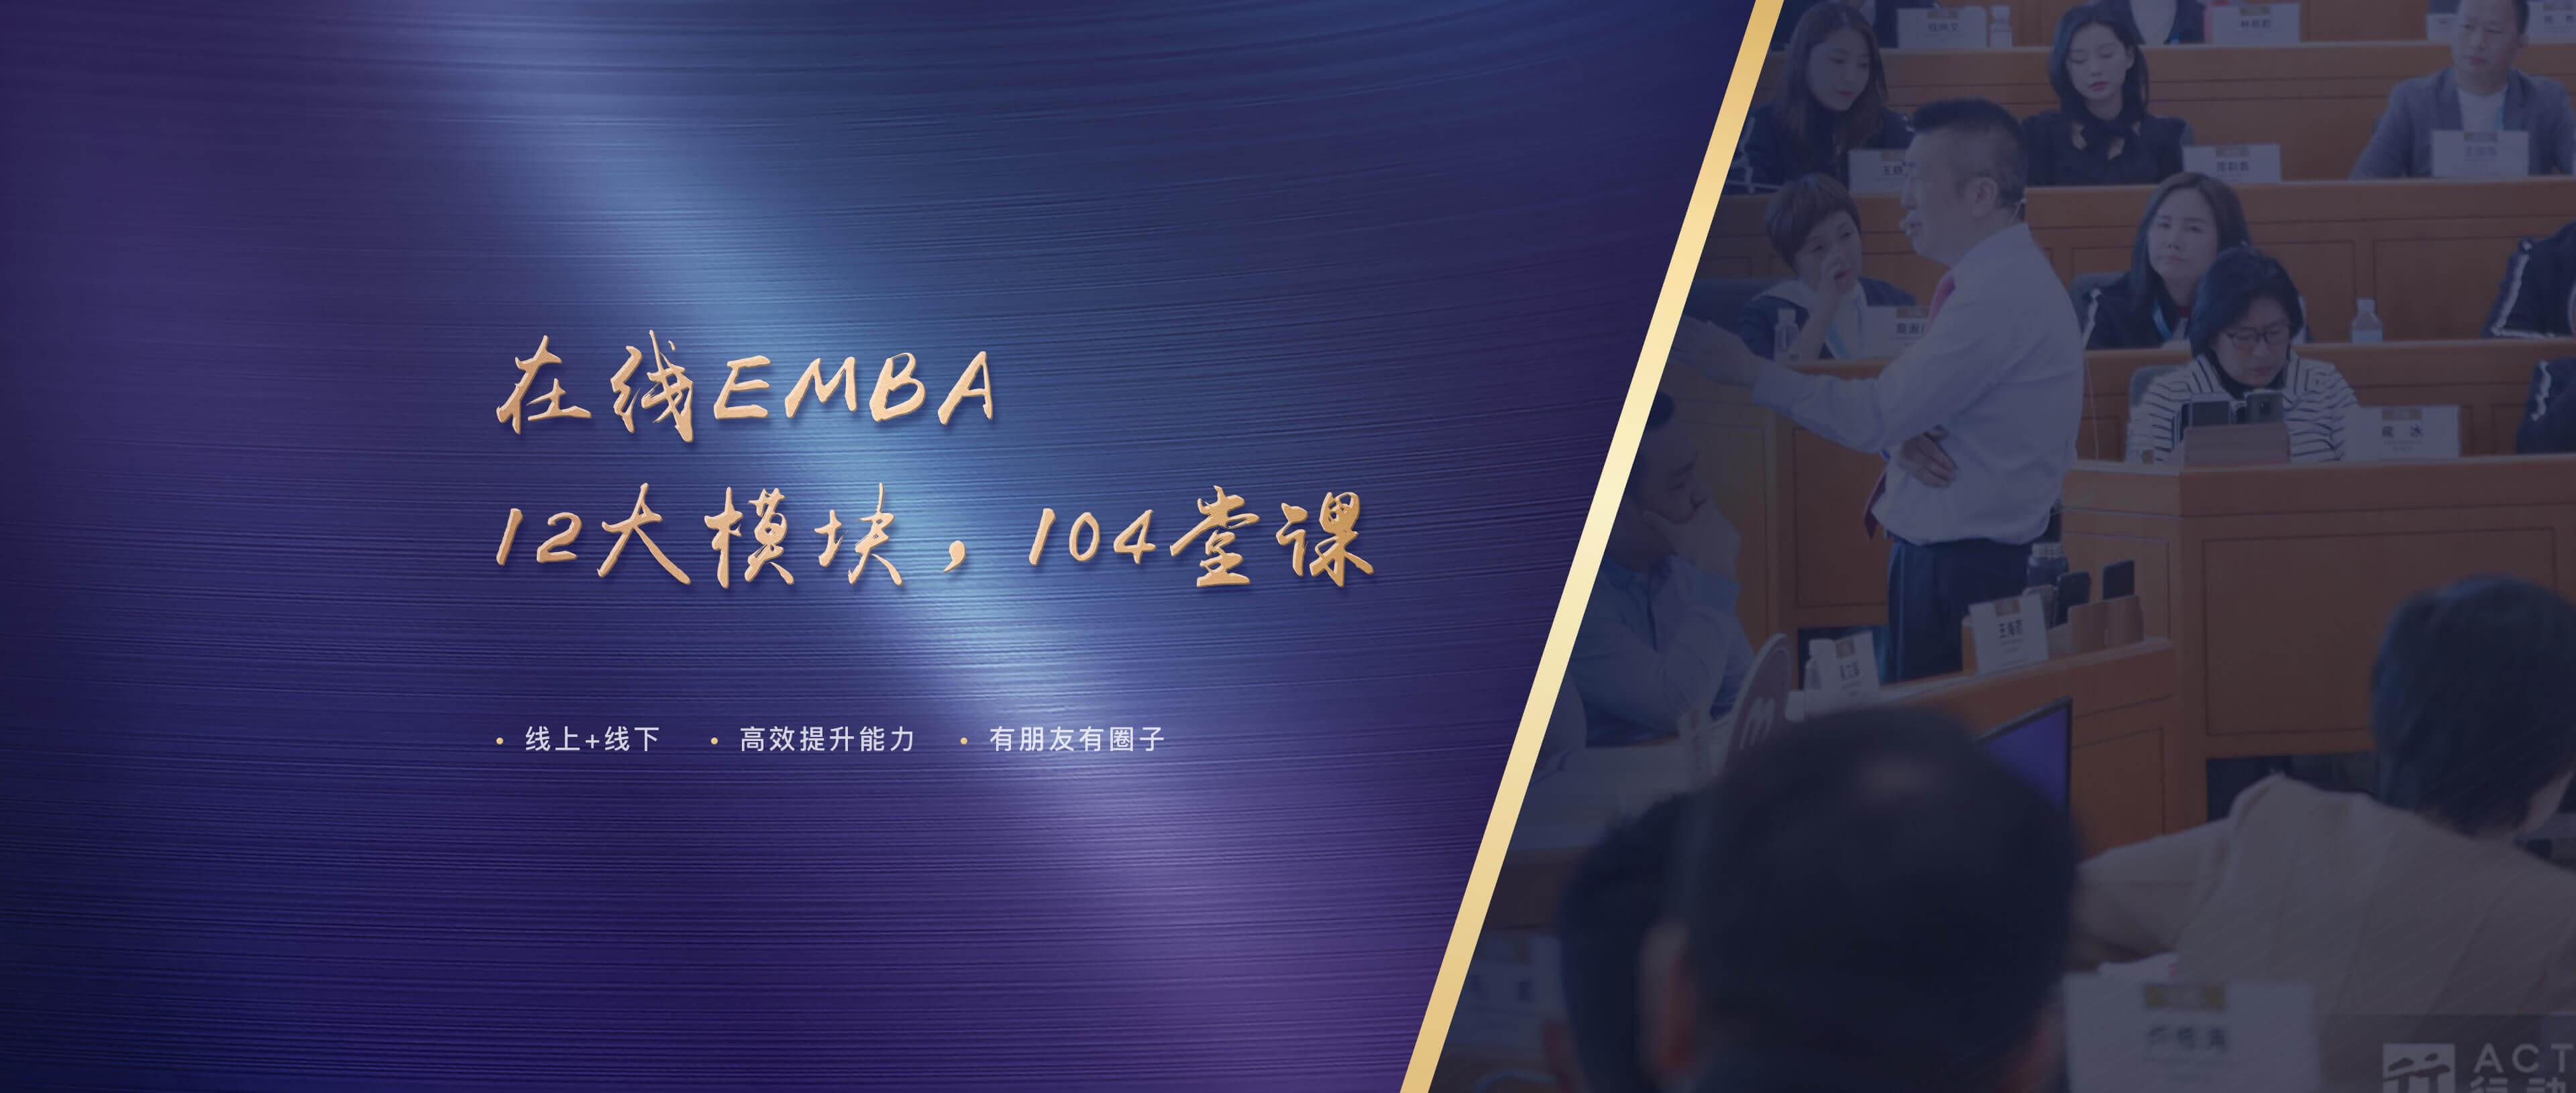 在线EMBA